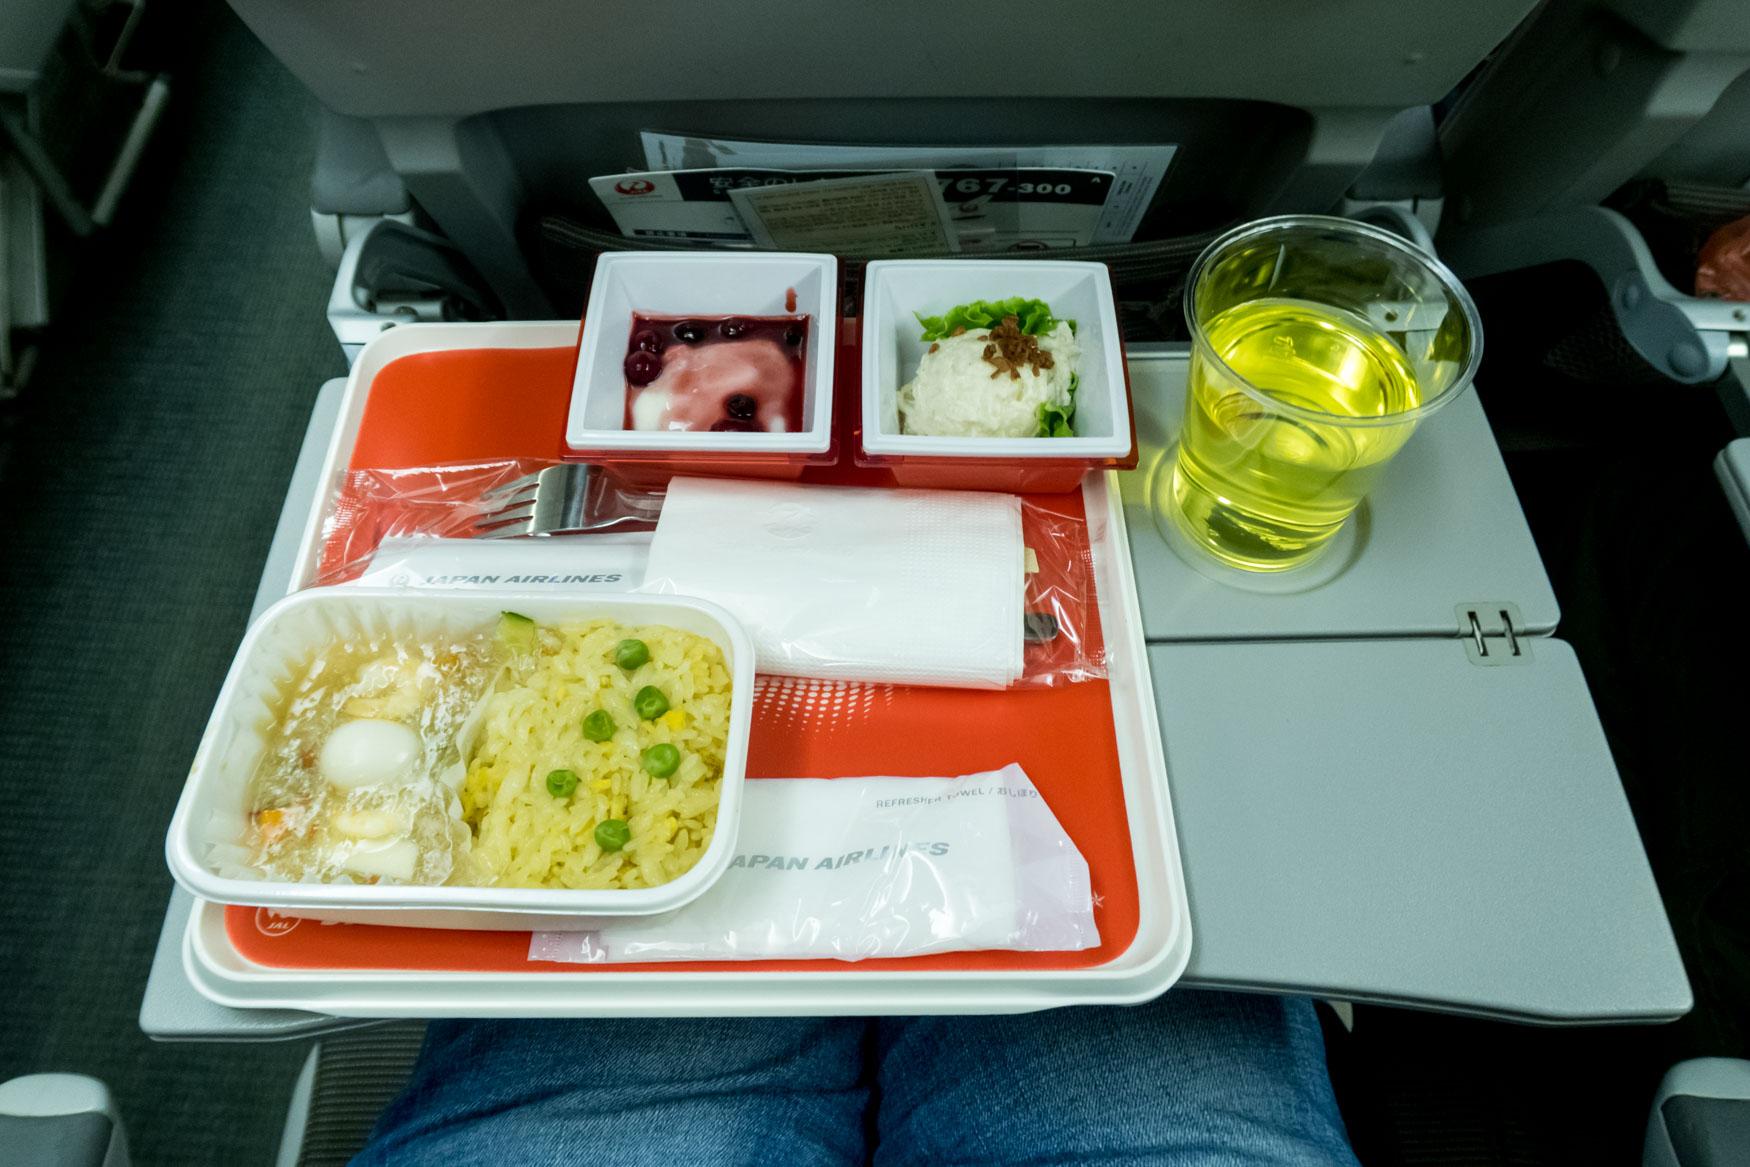 JAL Tokyo Seoul Meal